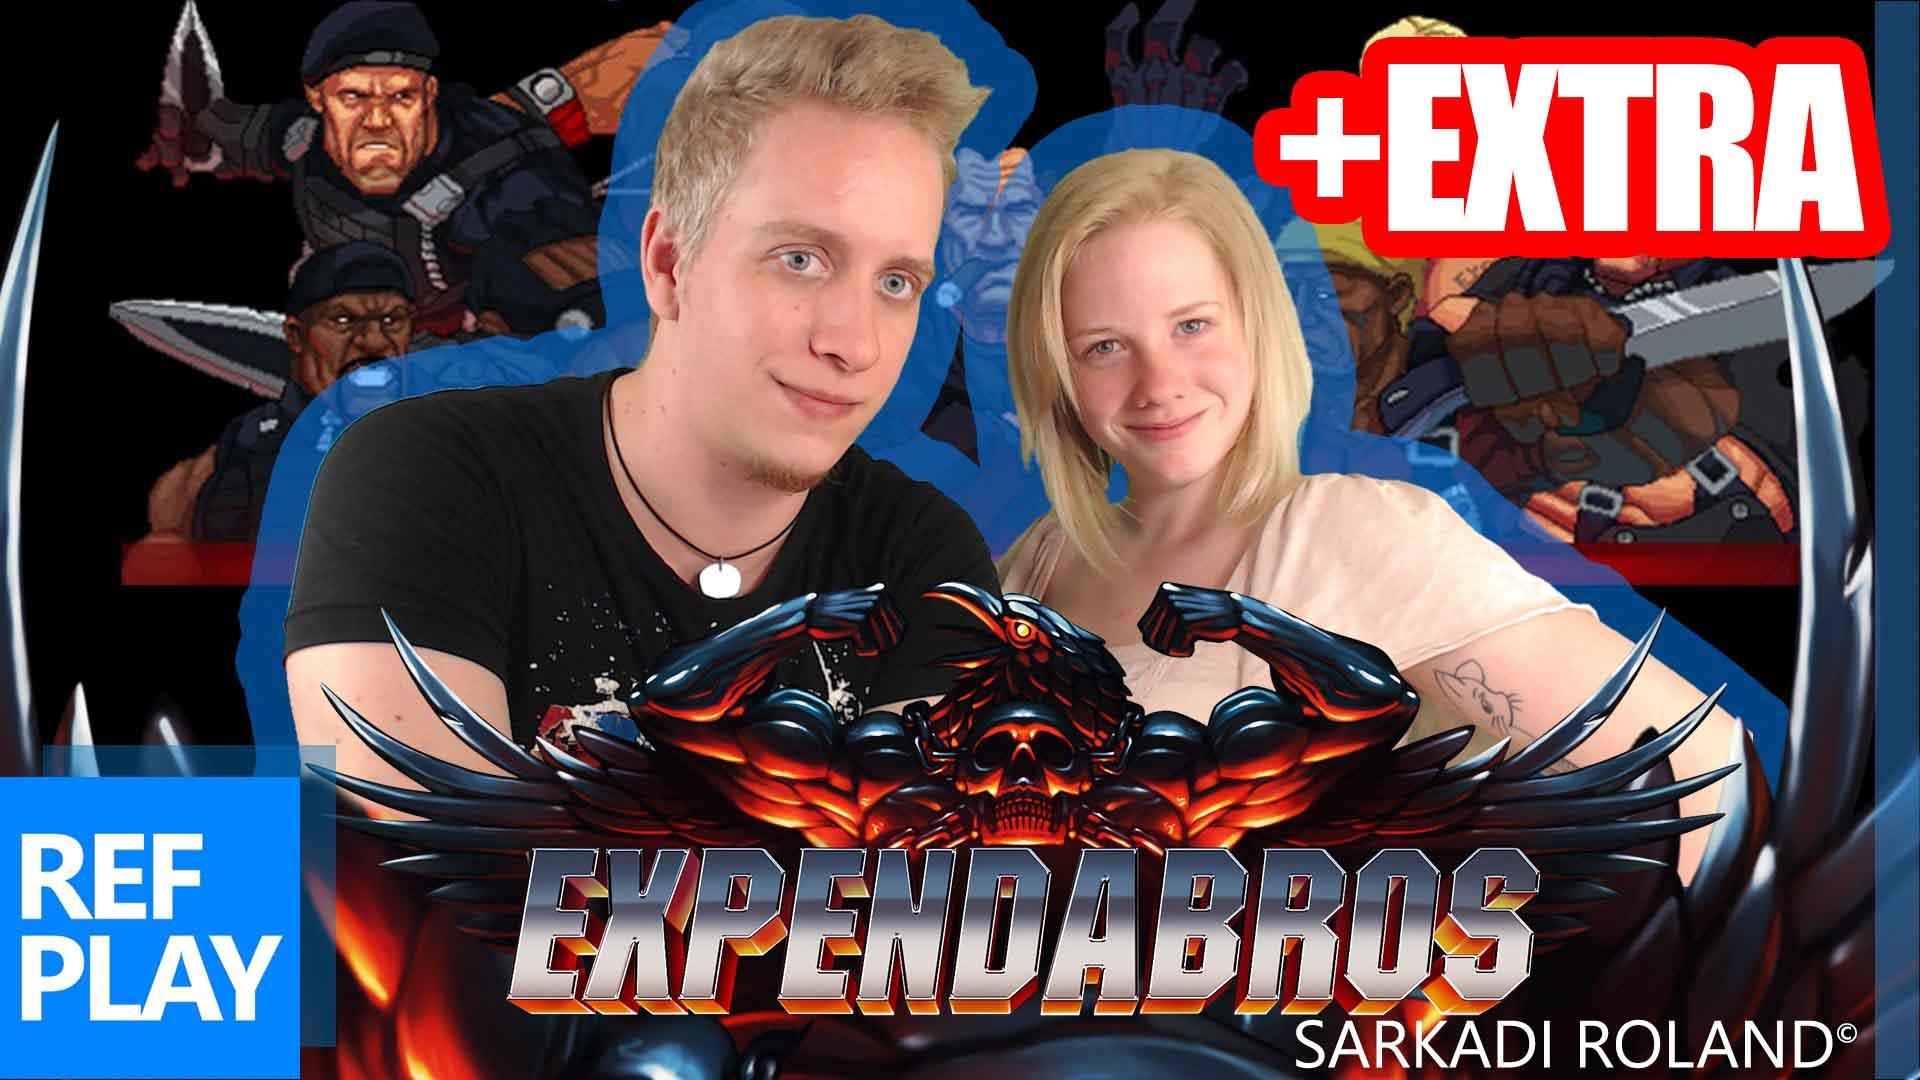 MEGLEPTÉS  VENDÉG!!! | The Expendabros | Magyar gameplay | REFPLAY